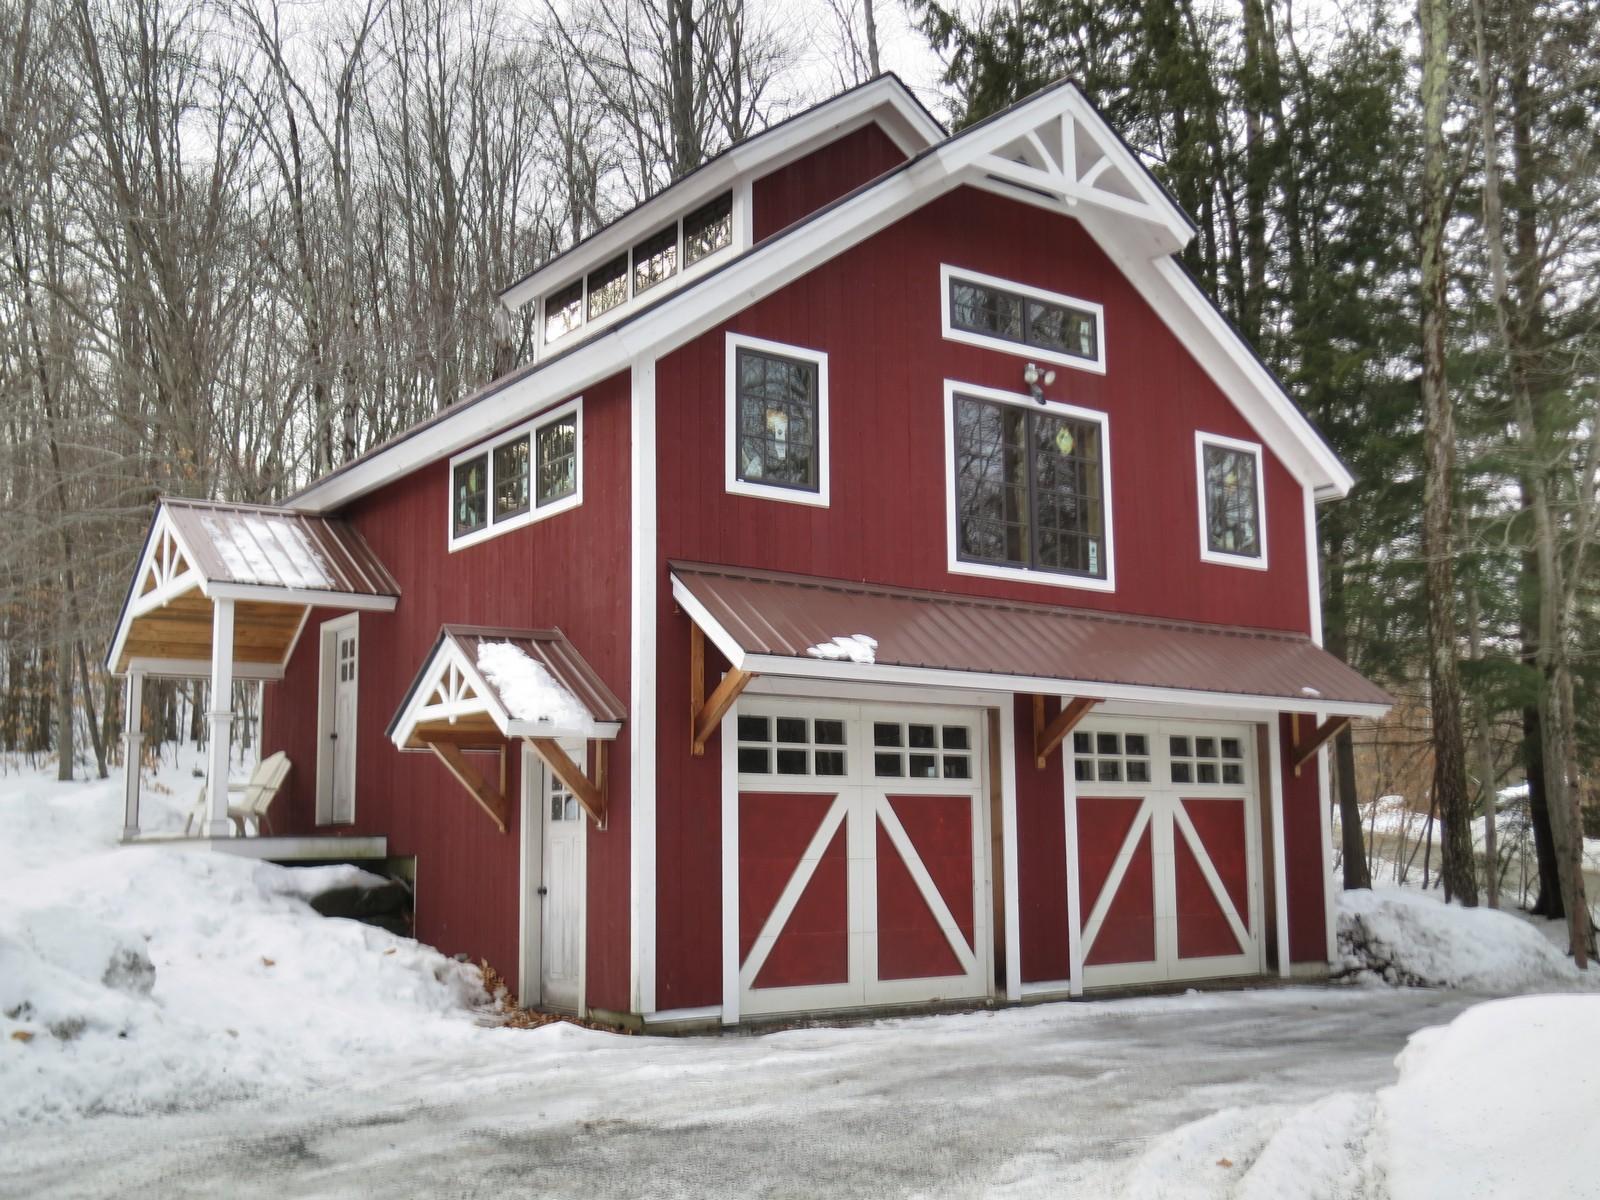 Maison unifamiliale pour l Vente à 308 Mountain Acres Road, Jamaica 308 Mountain Acres Rd Jamaica, Vermont, 05343 États-Unis